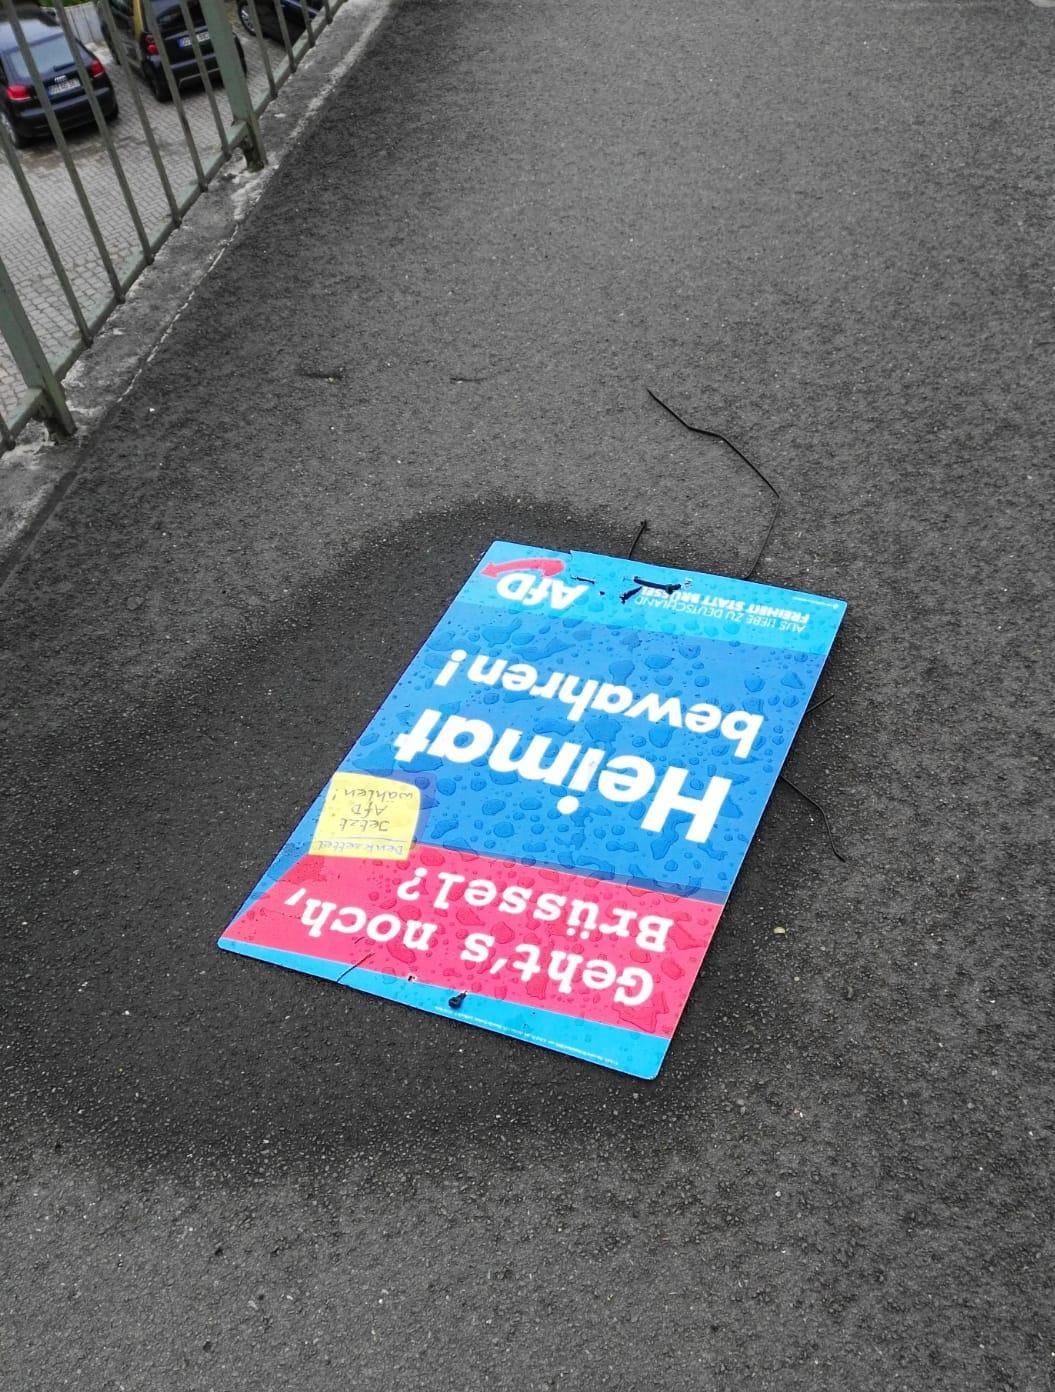 So fanden die Piraten die heruntergerissenen AfD-Plakate auf der Ruhrbrücke am Freitag Mittag vor. Wären sie, wie von der AfD behauptet, erst vor kurzem abgerissen worden, hätte sich nicht das Regenwasser auf den Plakaten sammeln können.